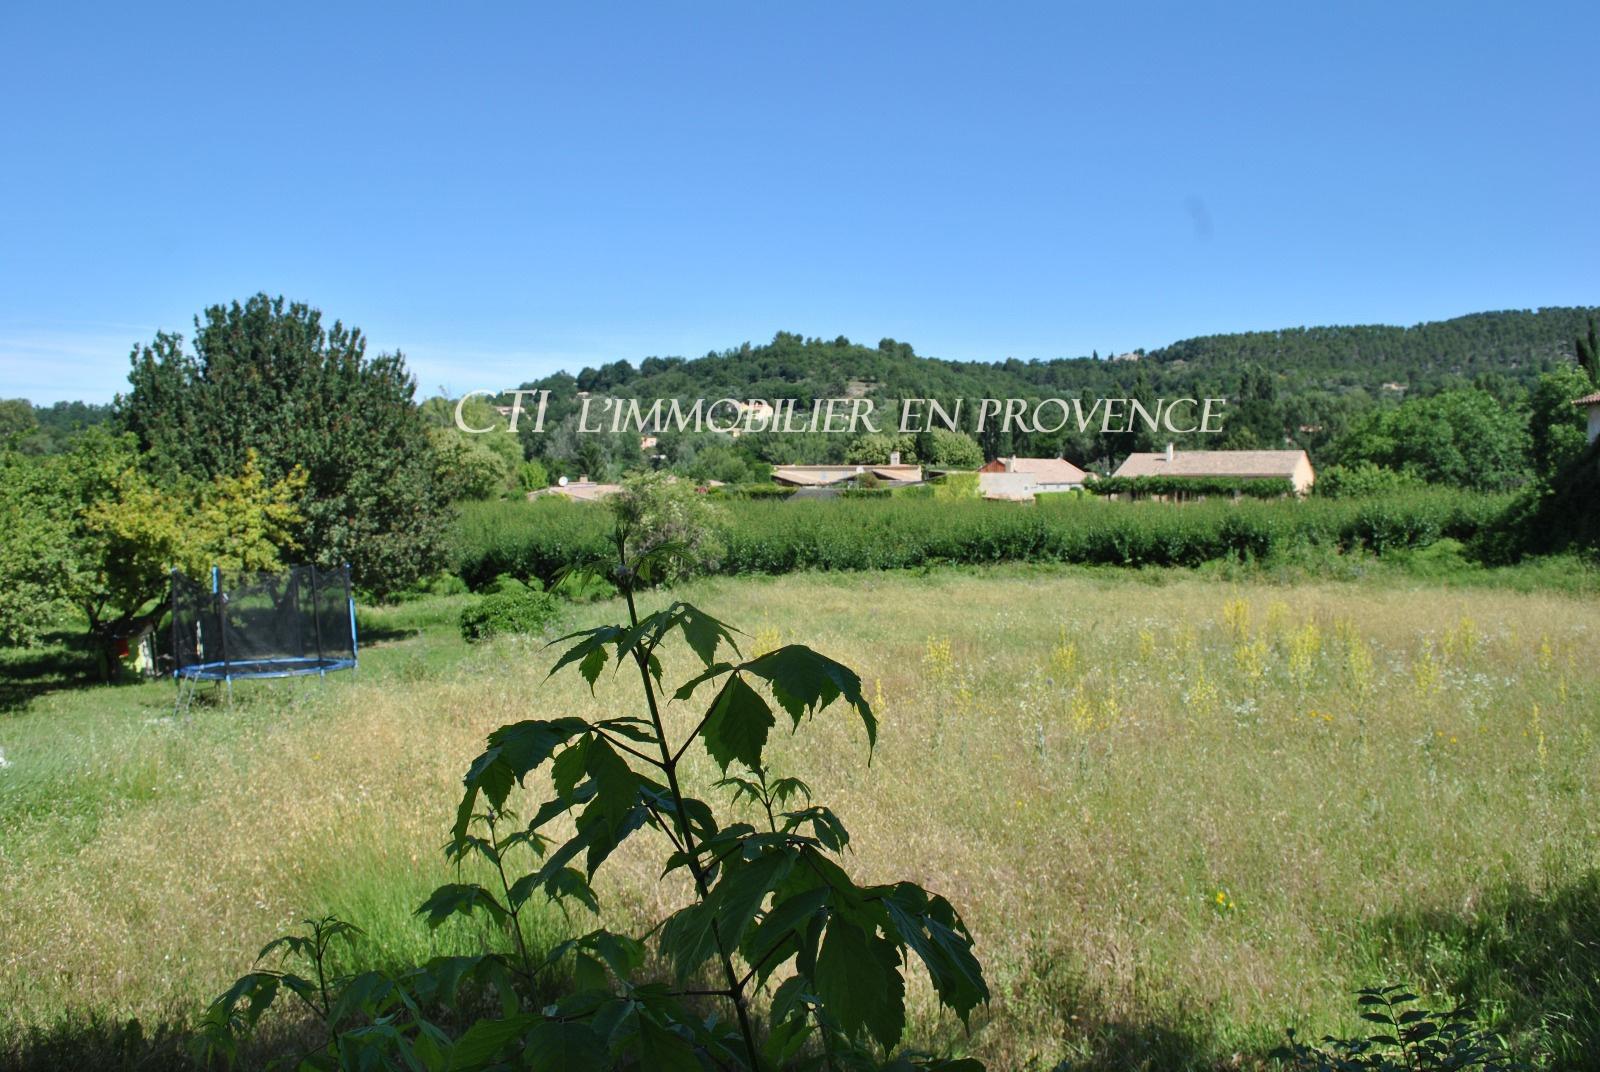 0 www.cti-provence.net, vente terrain constructible proche commerces et centre village, vue